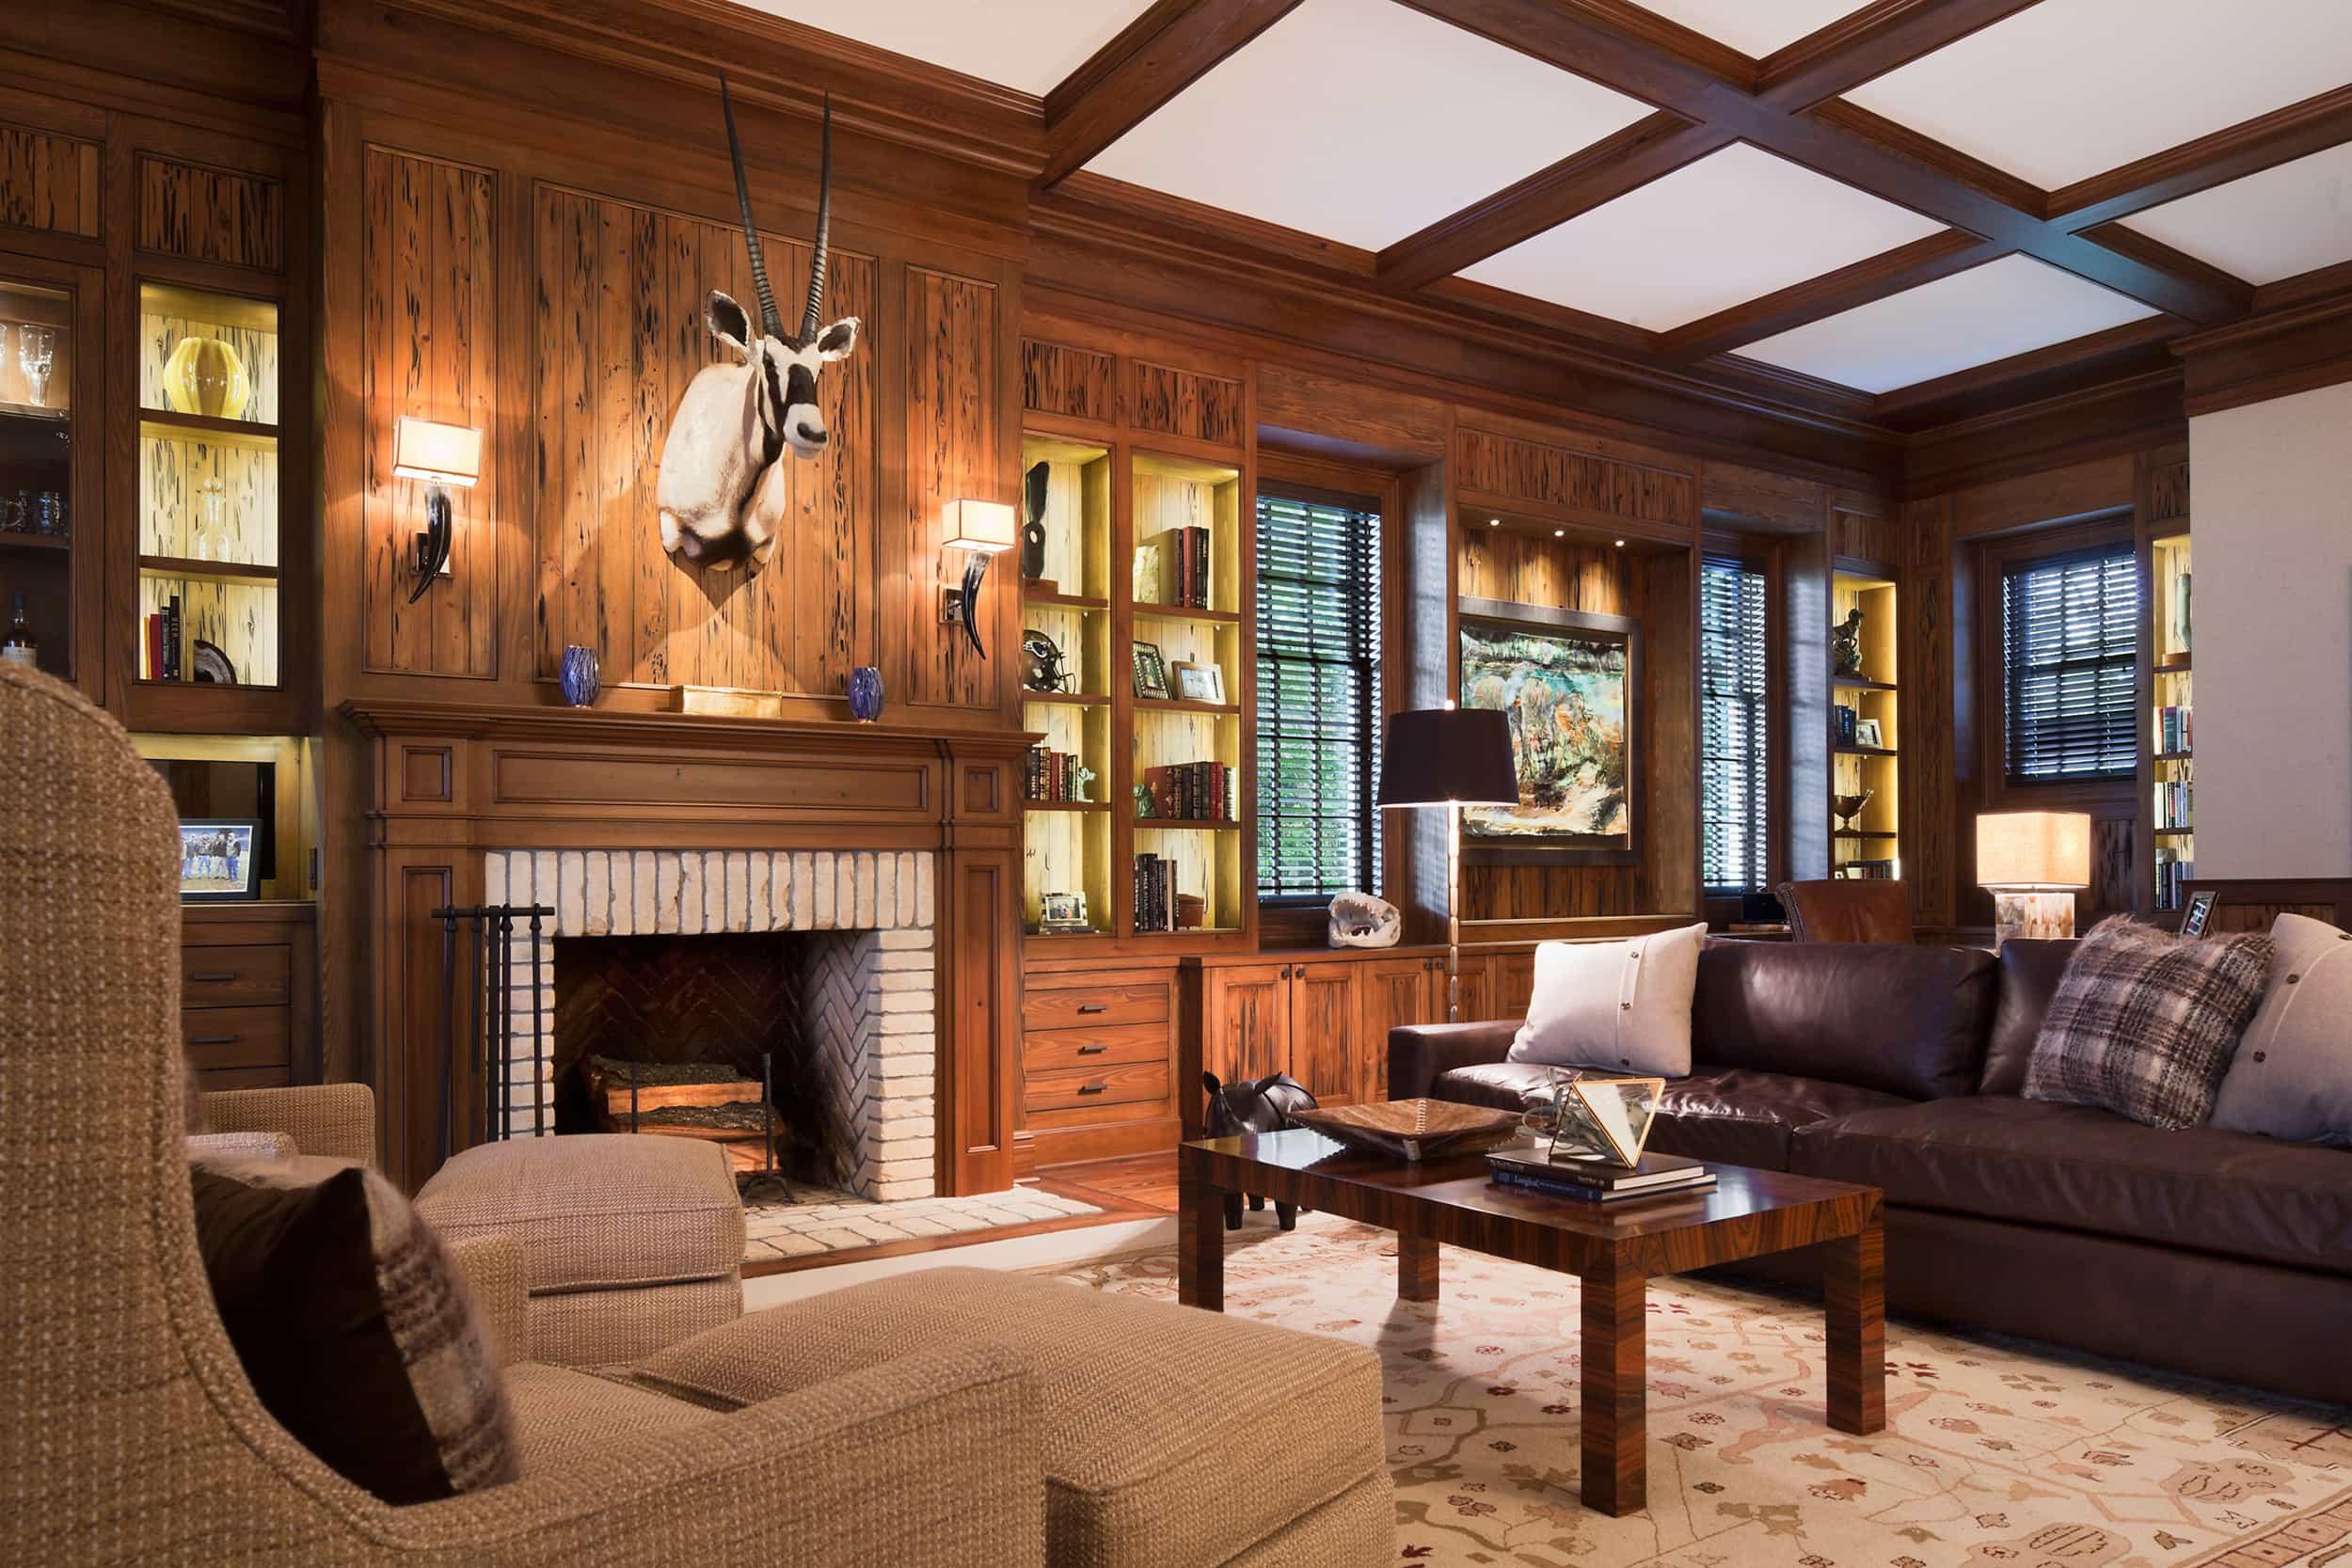 Residential commercial interiors studio m interior design - Interior designers jacksonville fl ...